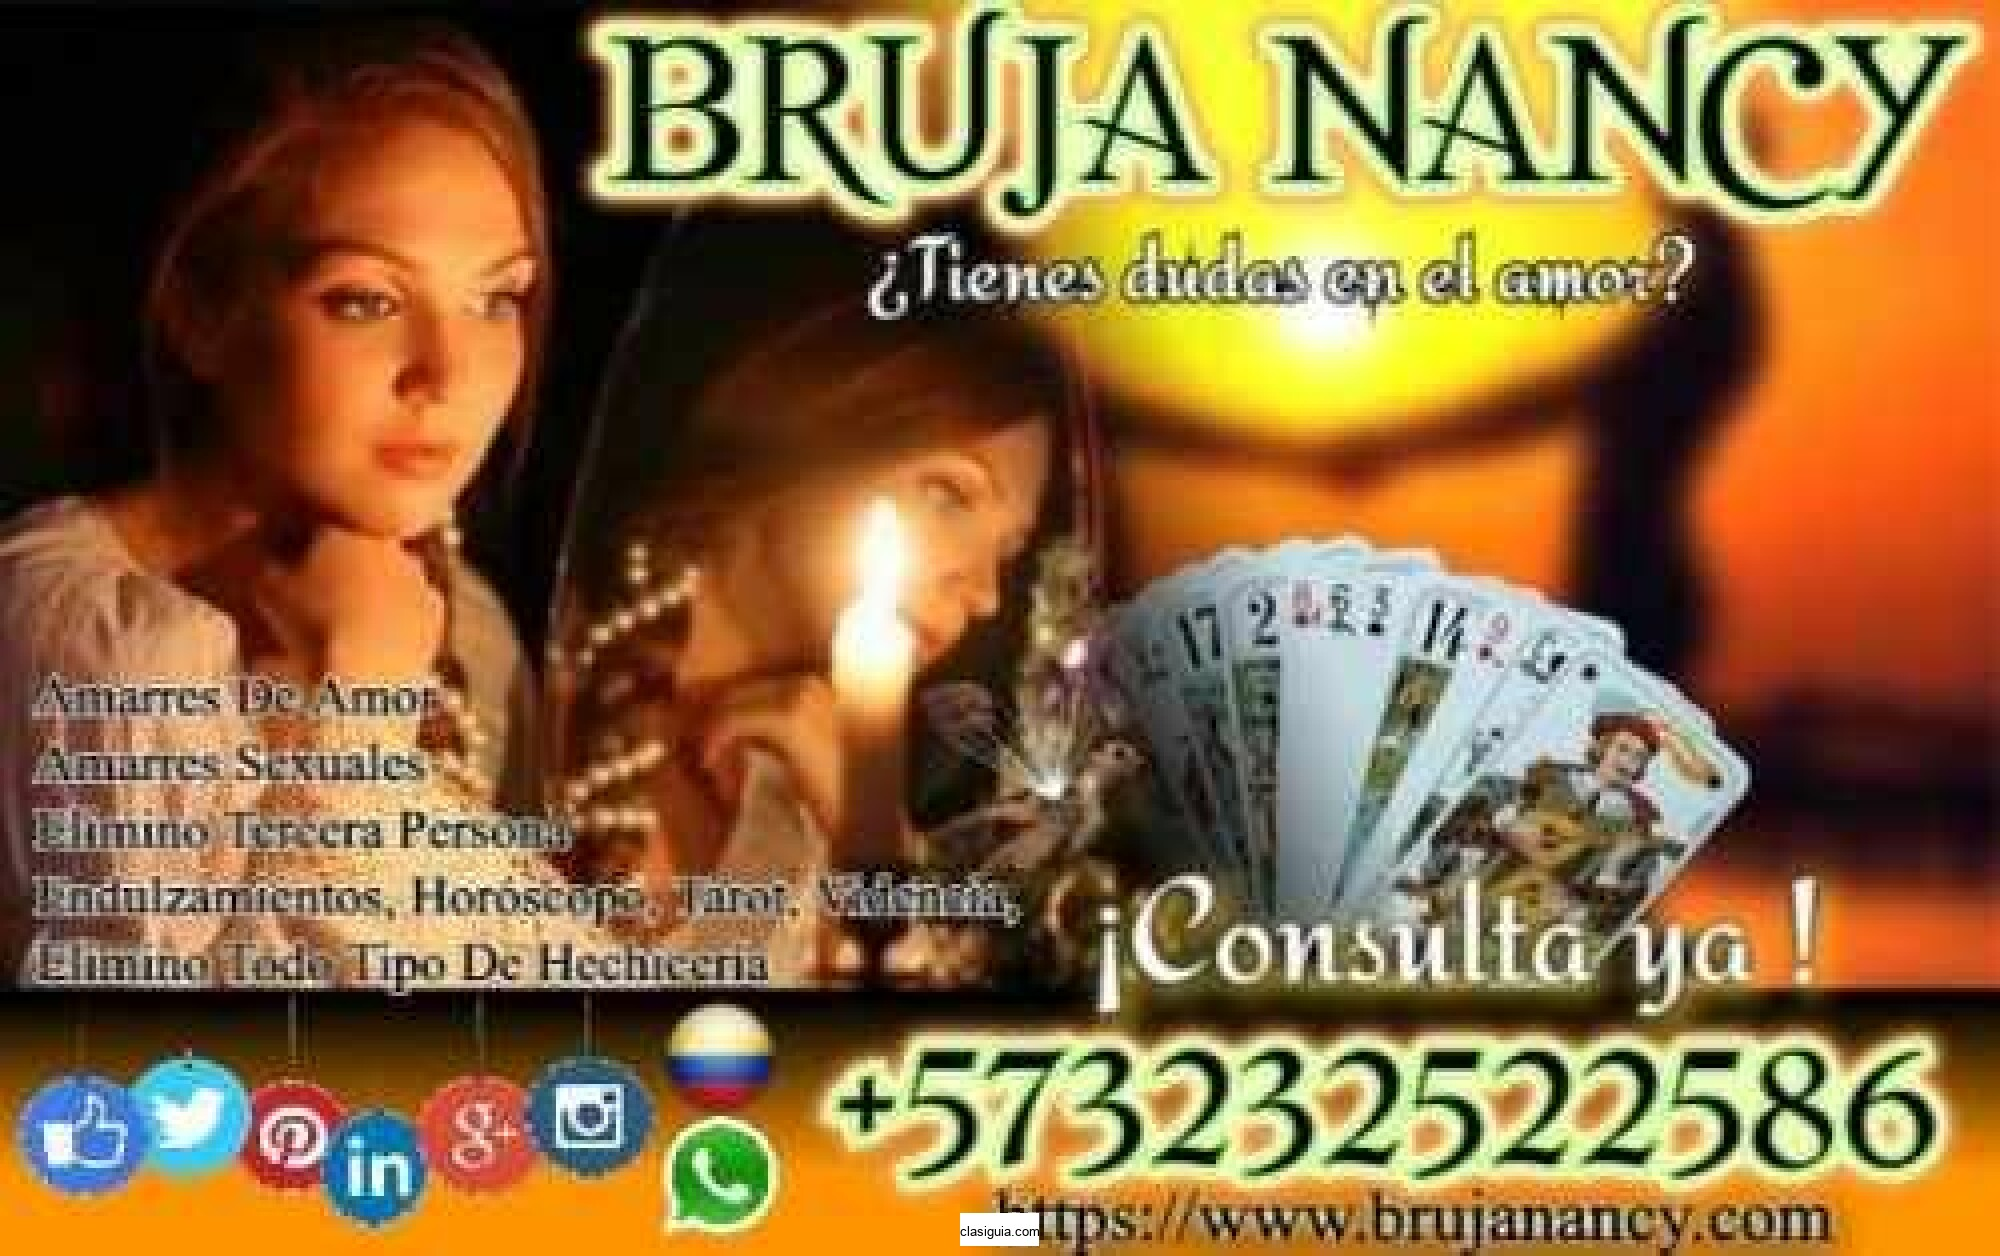 BRUJERIA REAL PARA AMARRAR Y DOMINAR WHATSAPP +573232522586